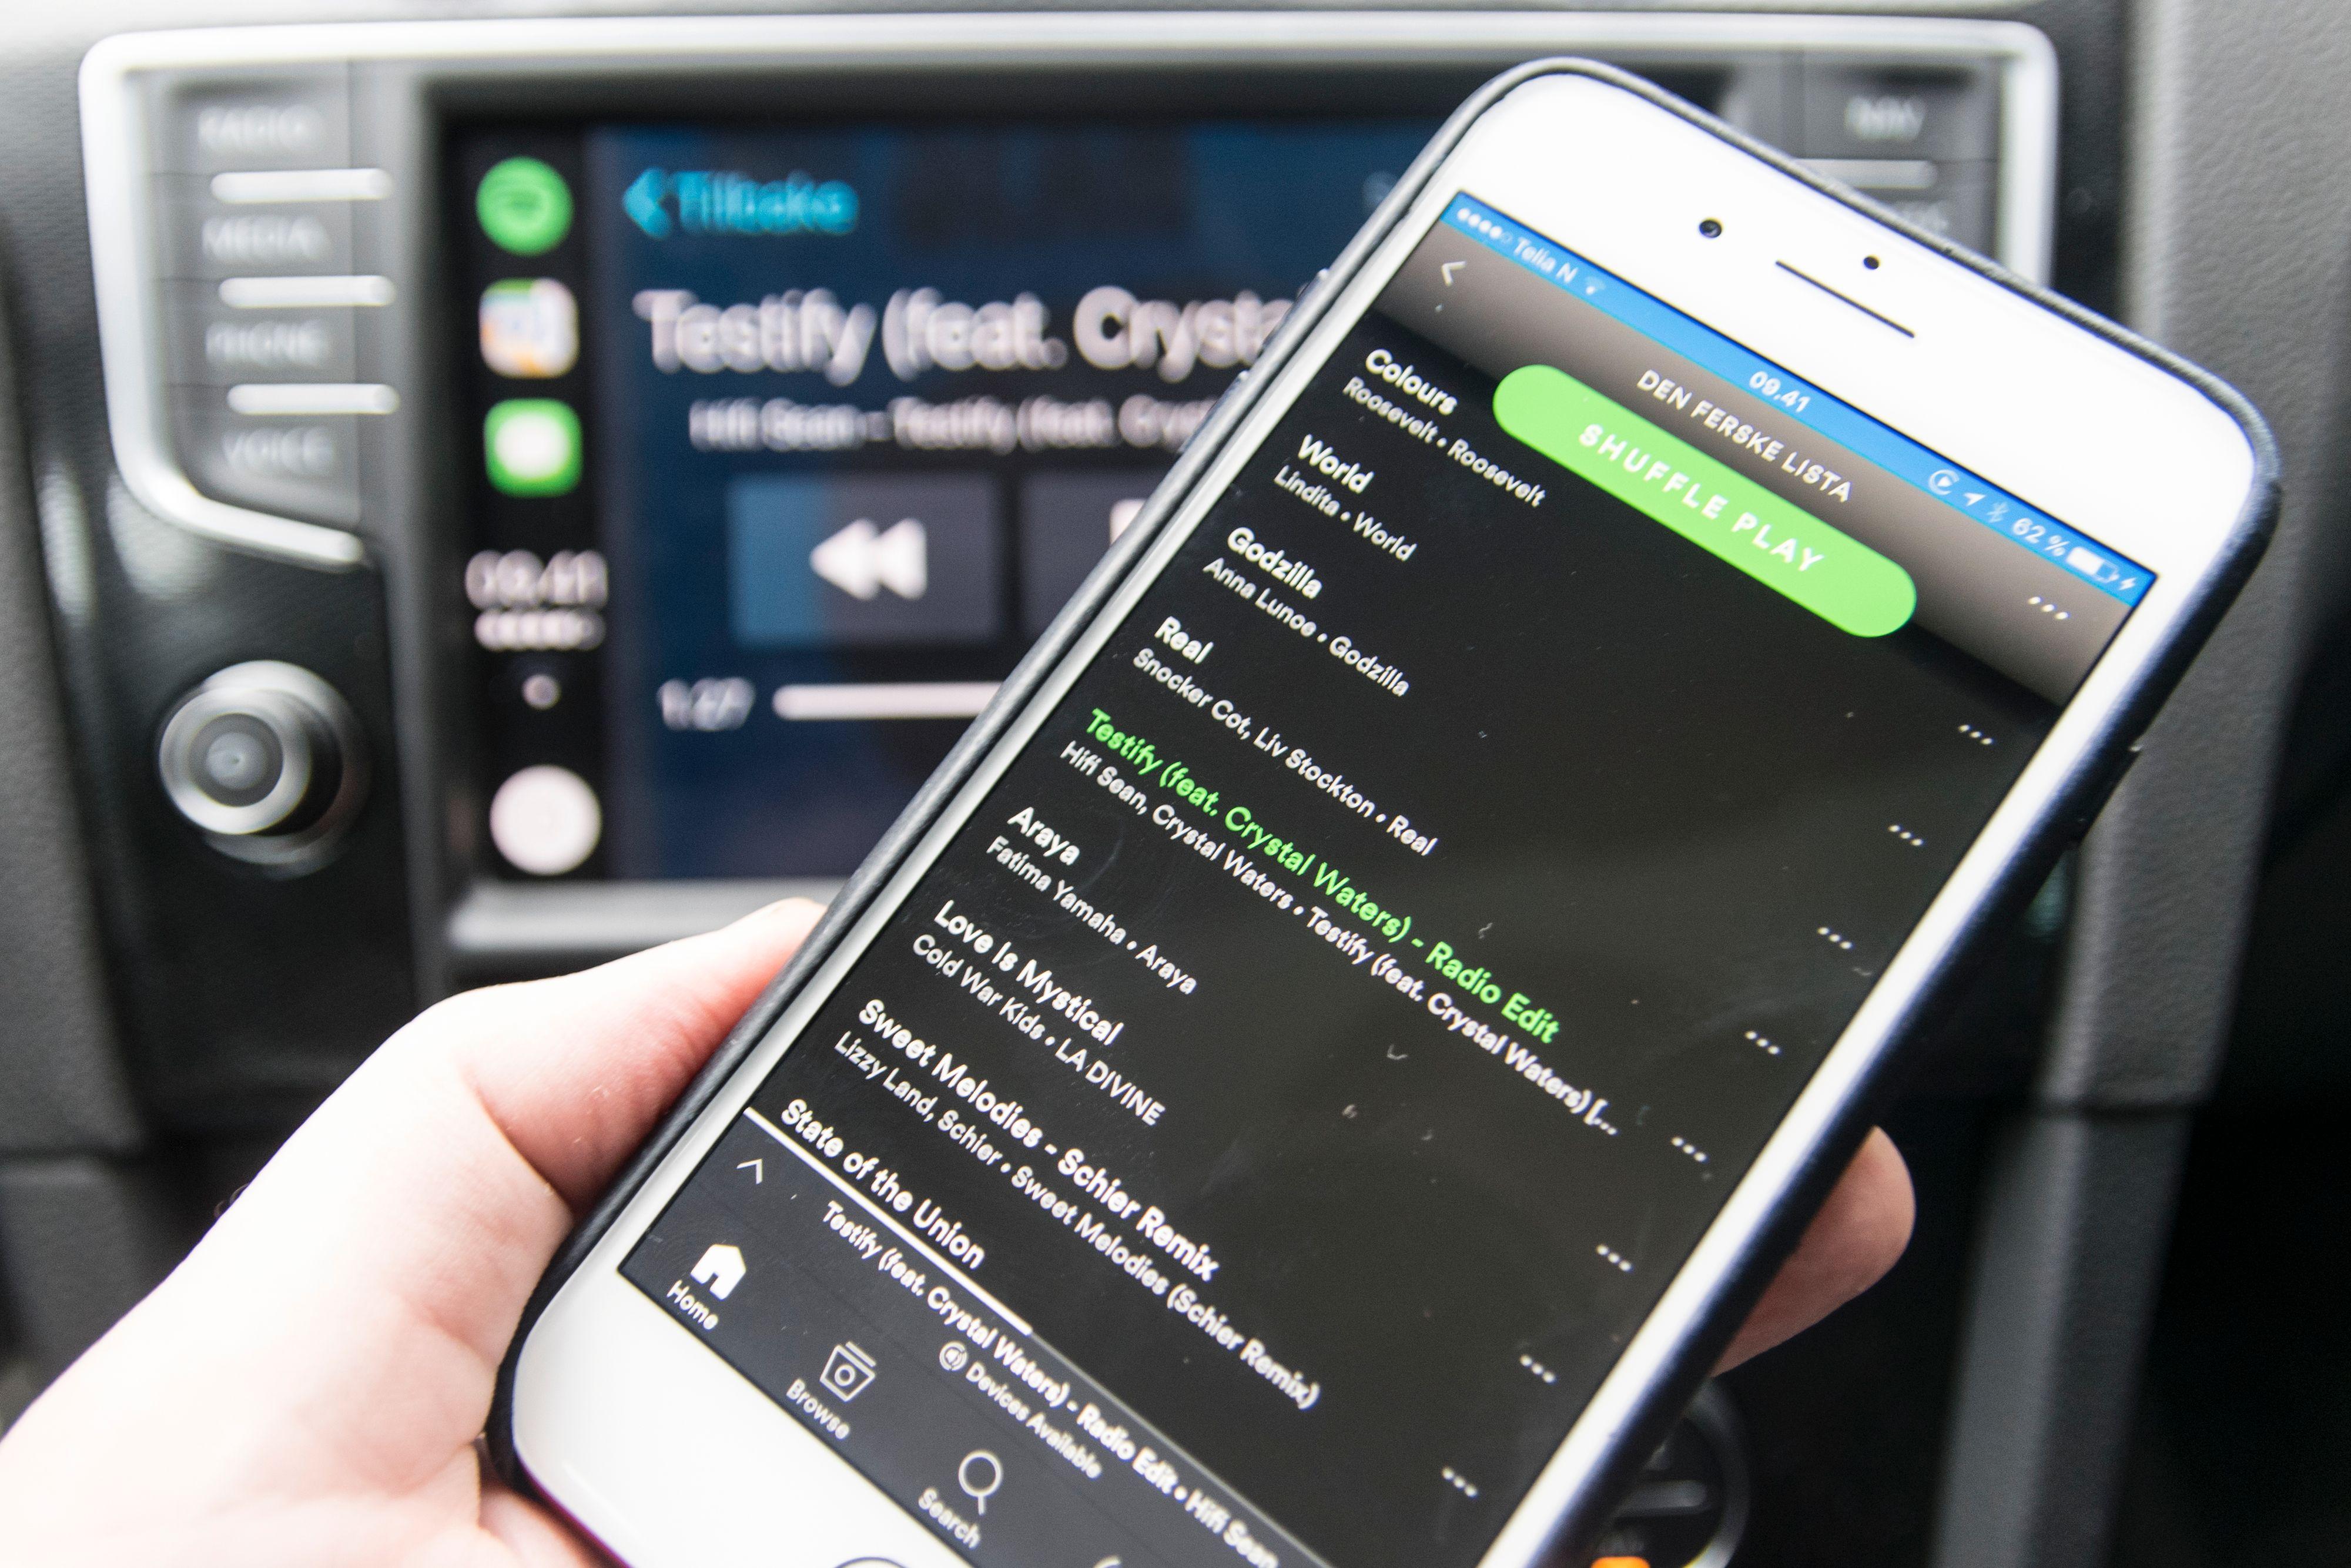 Ved siden av Siri er den aller største fordelen med Apple CarPlay at man gis litt frihet i måten man betjener løsningen på. Bilskjermen har ikke menyer som nekter å samarbeide når bilen er i fart, og i tillegg kan man faktisk betjene telefonen mens den er tilkoblet. Det er veldig praktisk når ikke menyene fra appen vises på bilskjermen. Det må naturligvis skje på en trygg og lovlig måte, ved et kjapt stopp eller ved at en passasjer tar over. Men det er mulig. Android Auto deaktiverer hele mobilskjermen når den er tilkoblet, samtidig som funksjonalitet låses fra bilskjermen i fart. Bilde: Finn Jarle Kvalheim, Tek.no